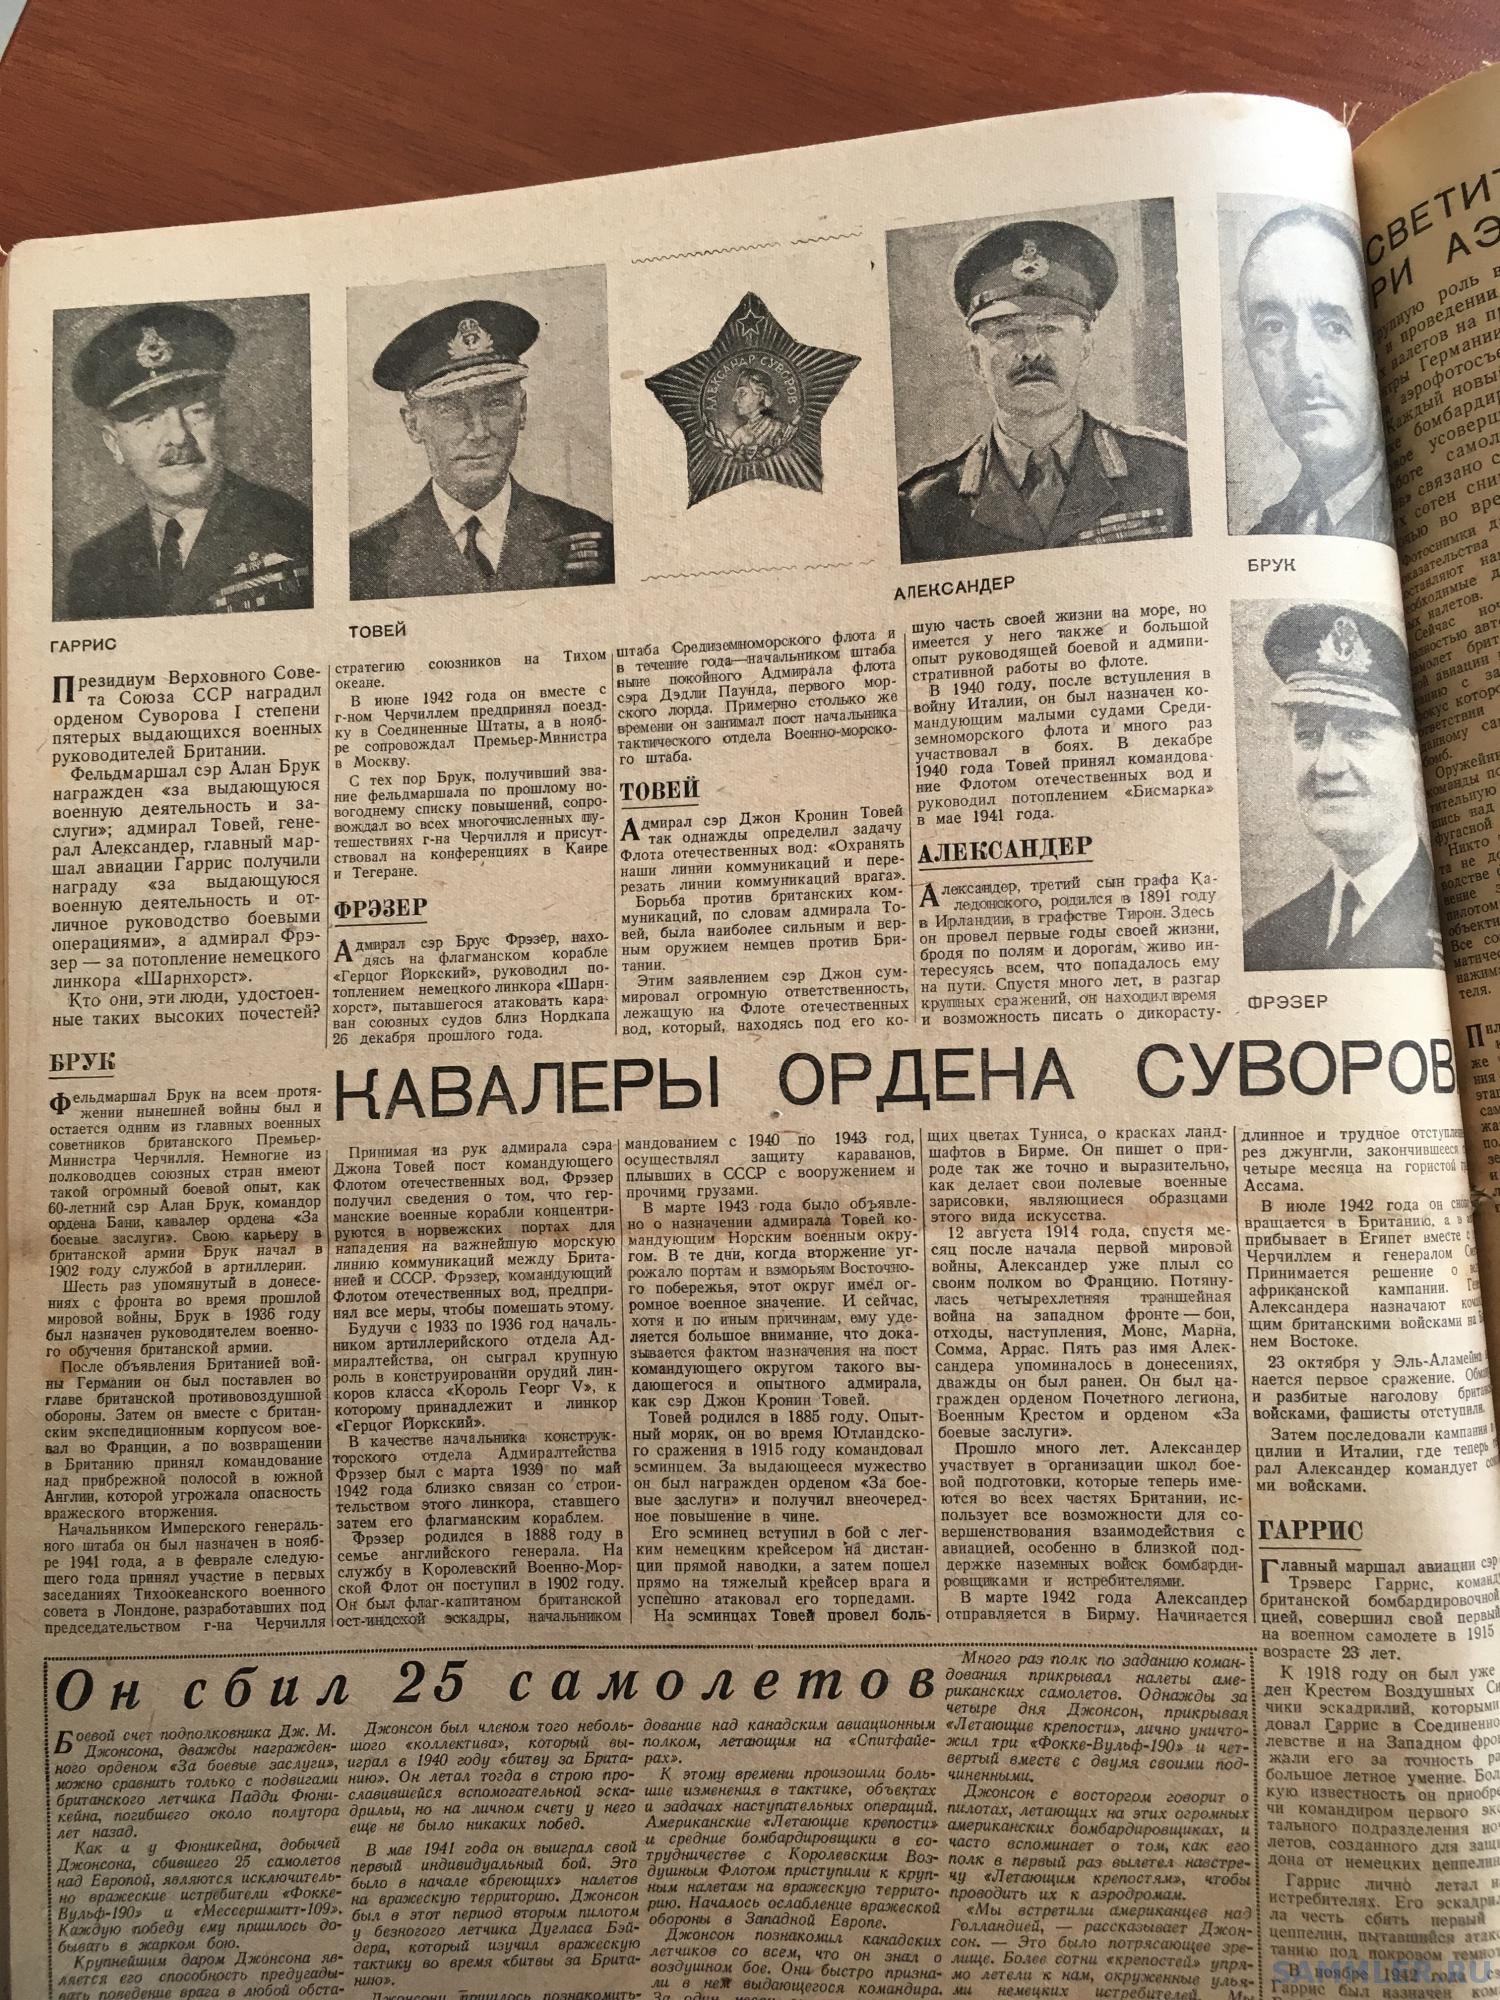 16 Бр союз №11 12 марта 1944 с 2.jpg